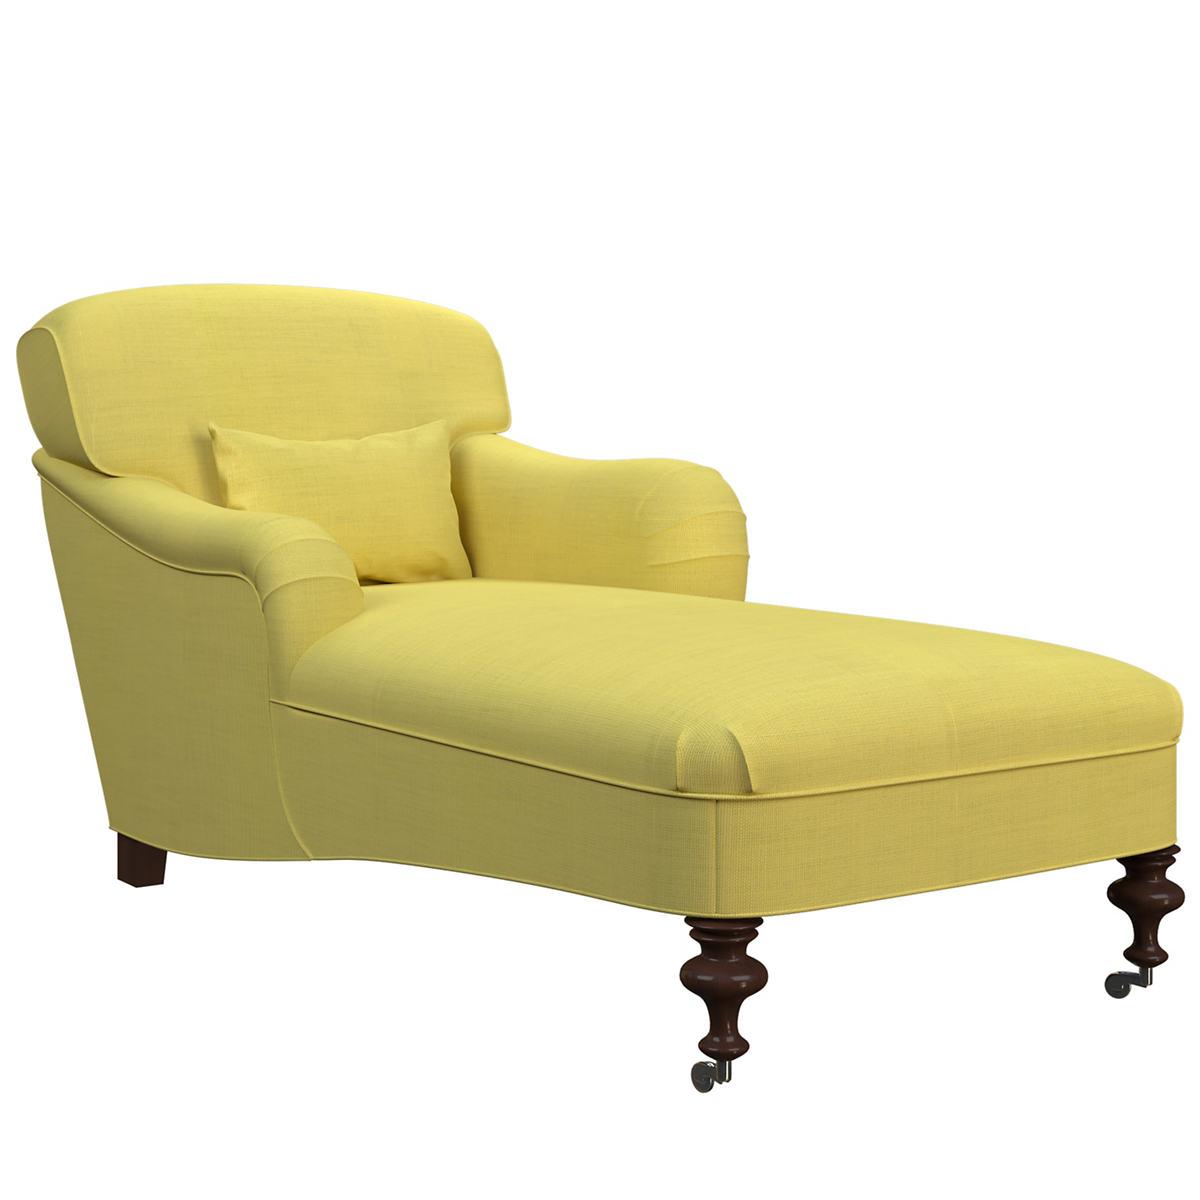 Estate Linen Citrus Beaufort Chaise